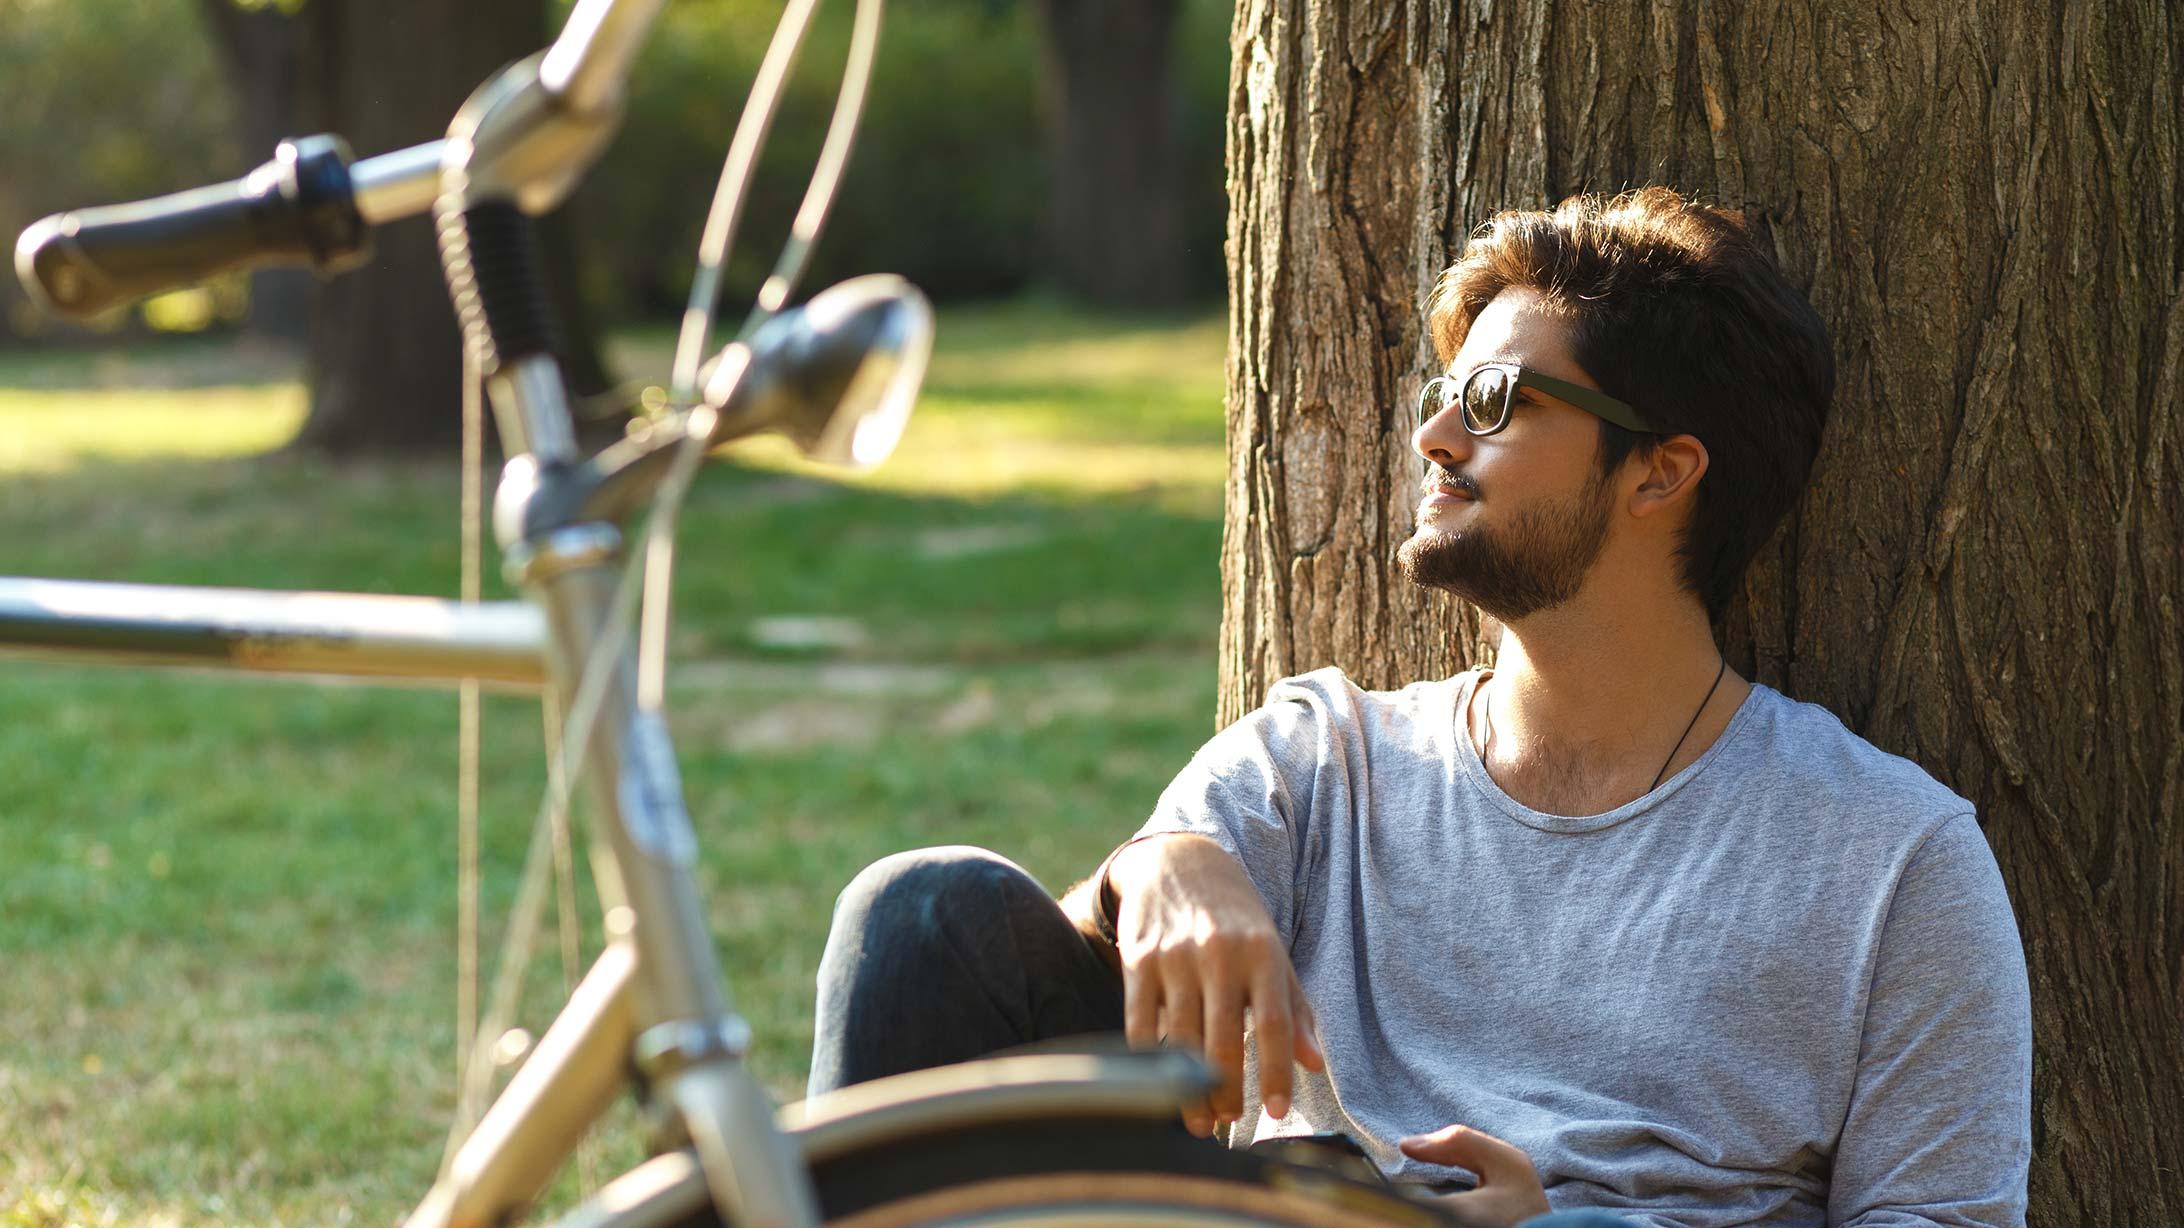 Ein Mann mit Sonnenbrille lehnt an einem Baum